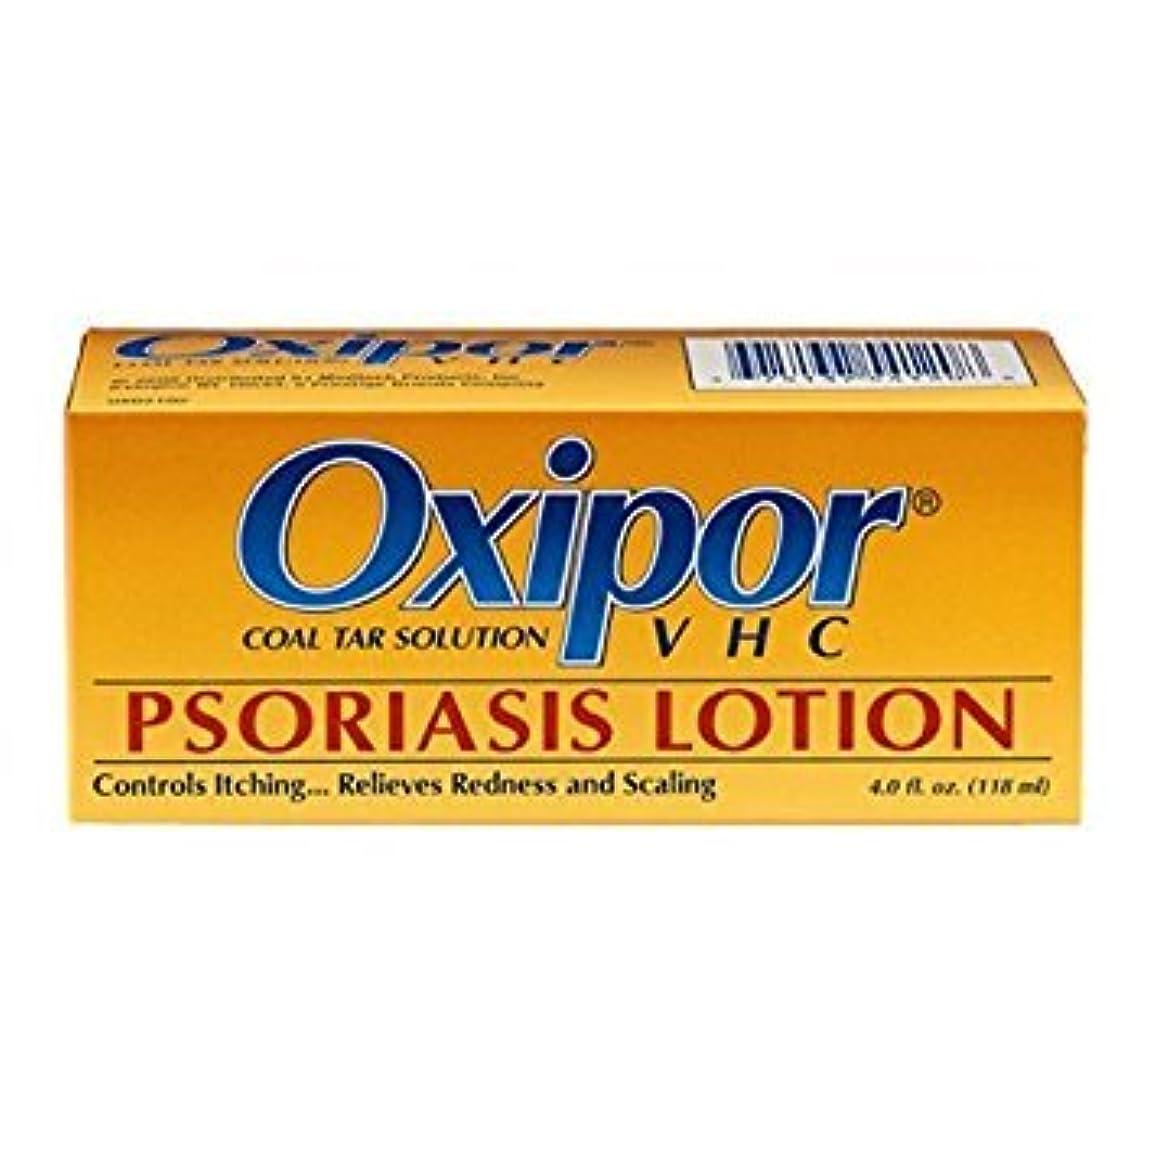 騒々しいタヒチ円周オキシポア 乾癬ローション / Oxipor VHC Psoriasis Lotion, (56ml ) [並行輸入品]